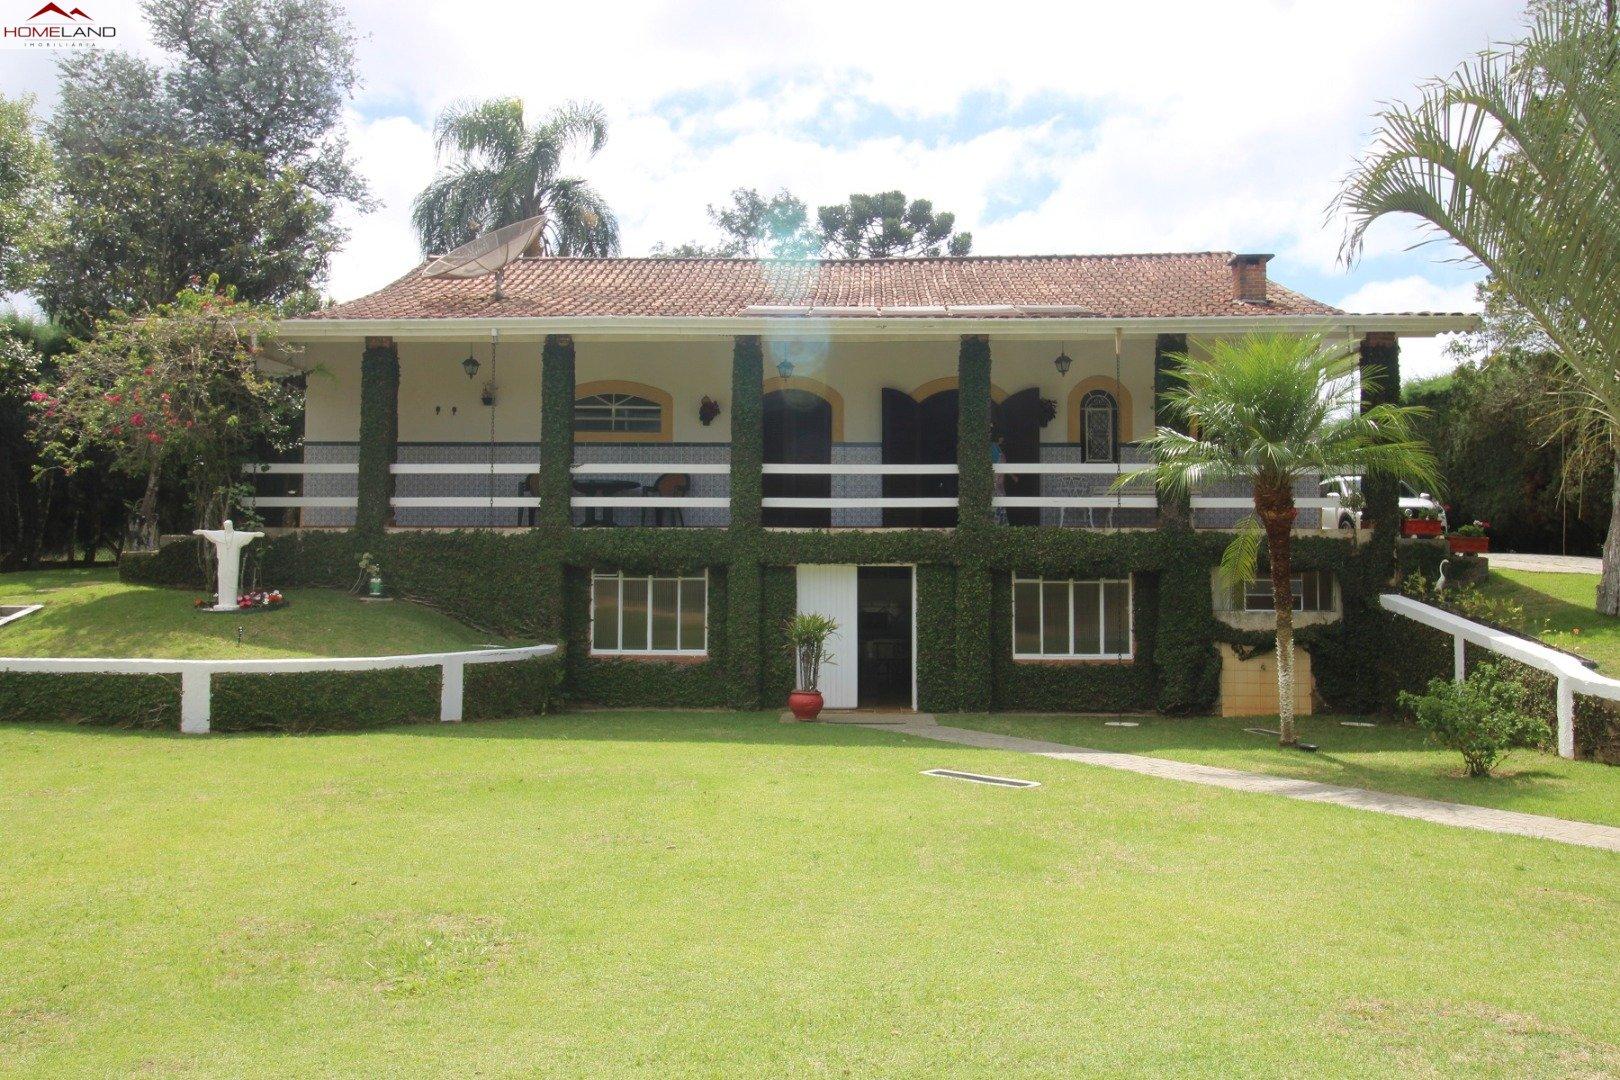 HL-205 Aconchegante casa de campo com 3 dormitórios a venda no Patrimônio do Carmo R$ 1.300.000